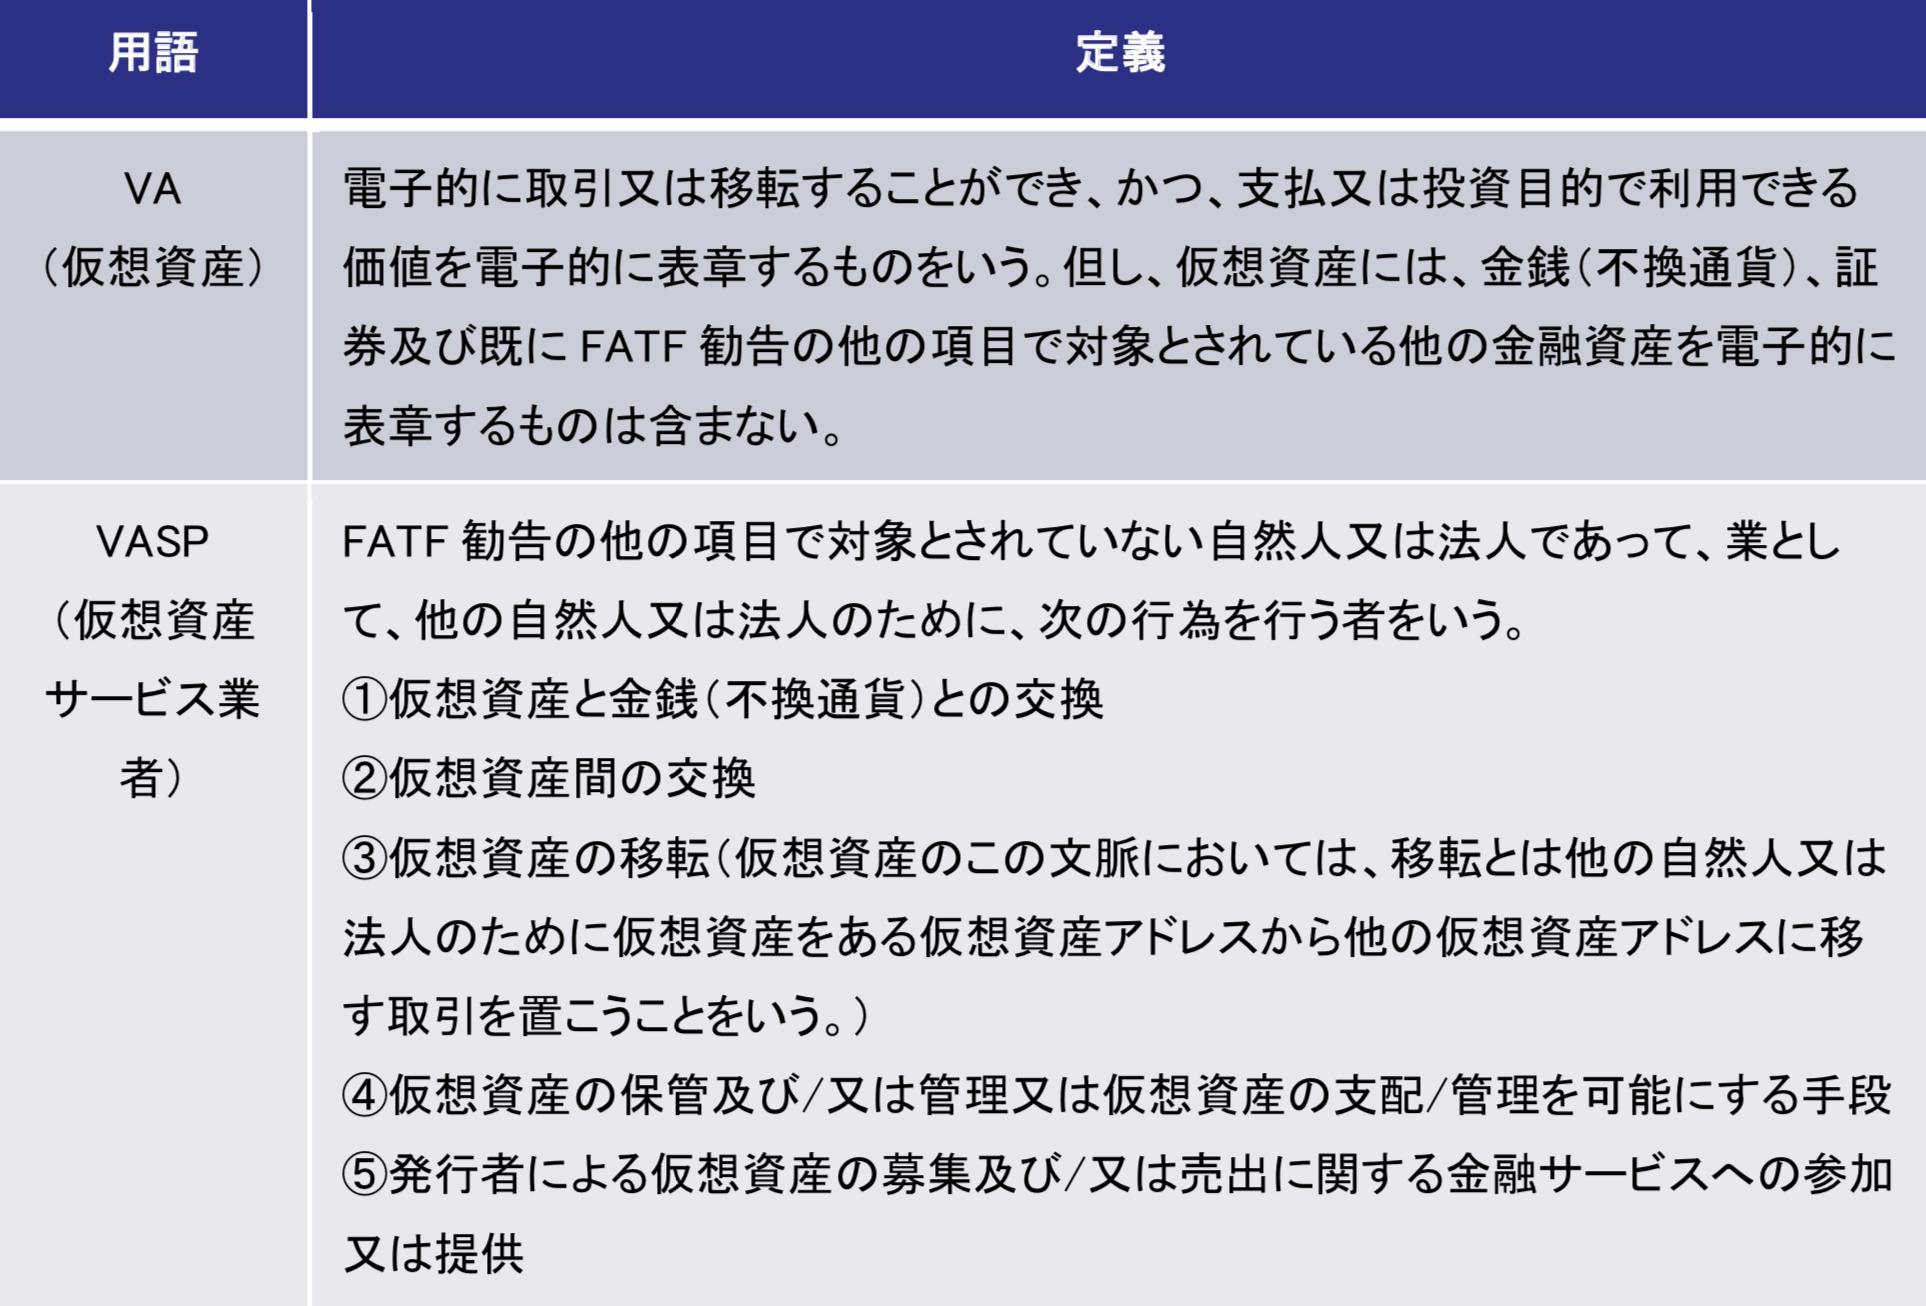 KenKawai2